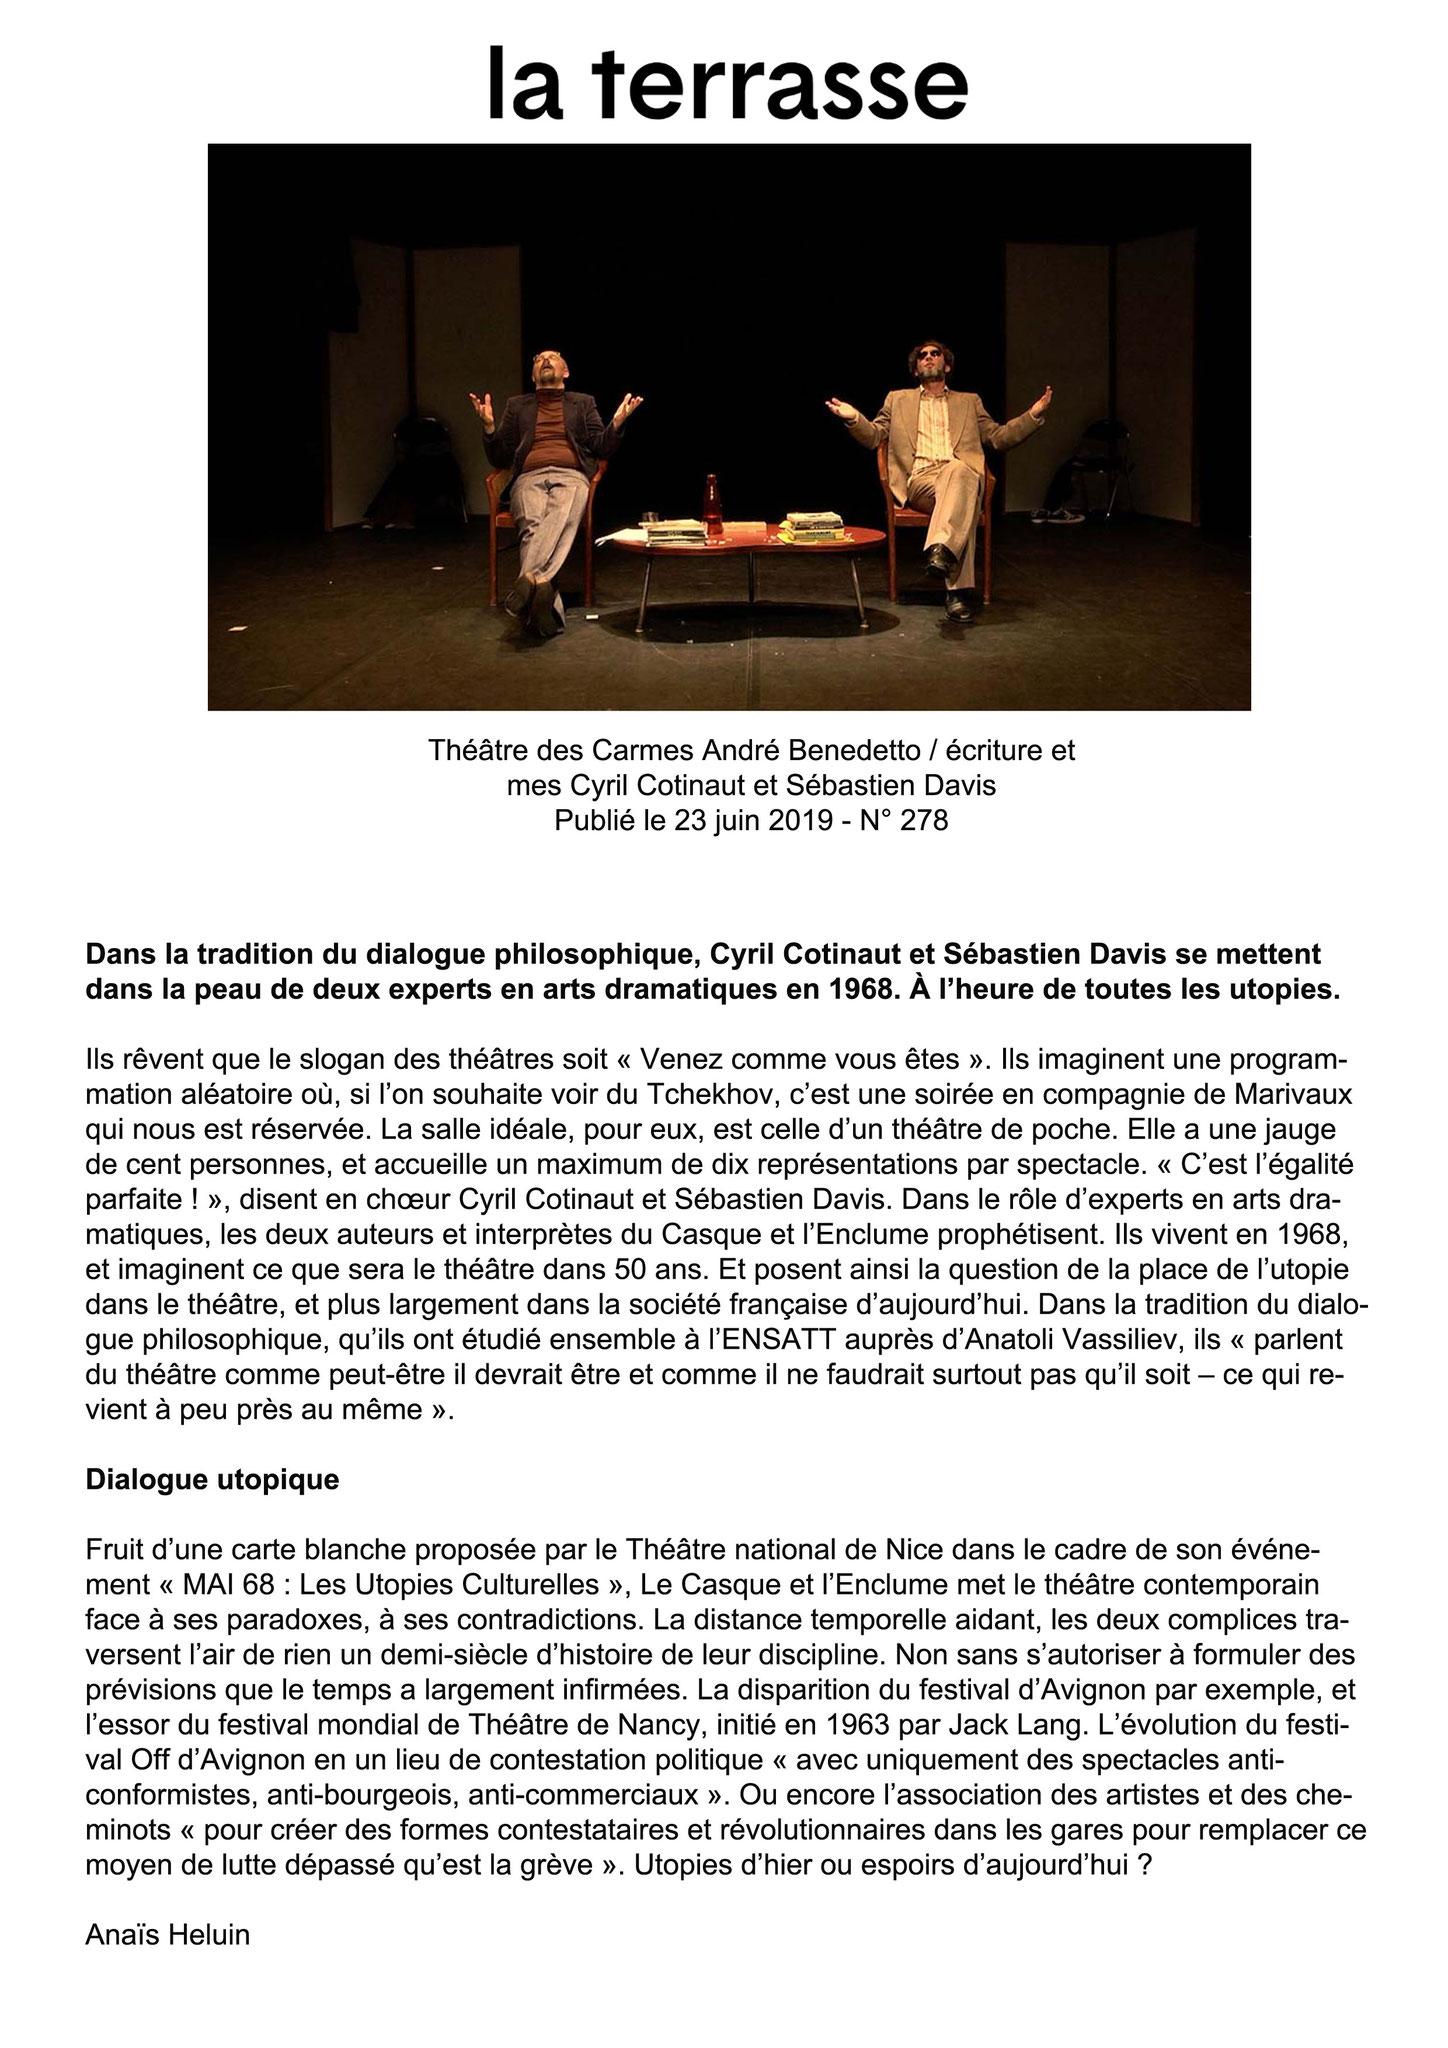 LA TERRASSE - Anaïs Heluin - 23 Juin 2019